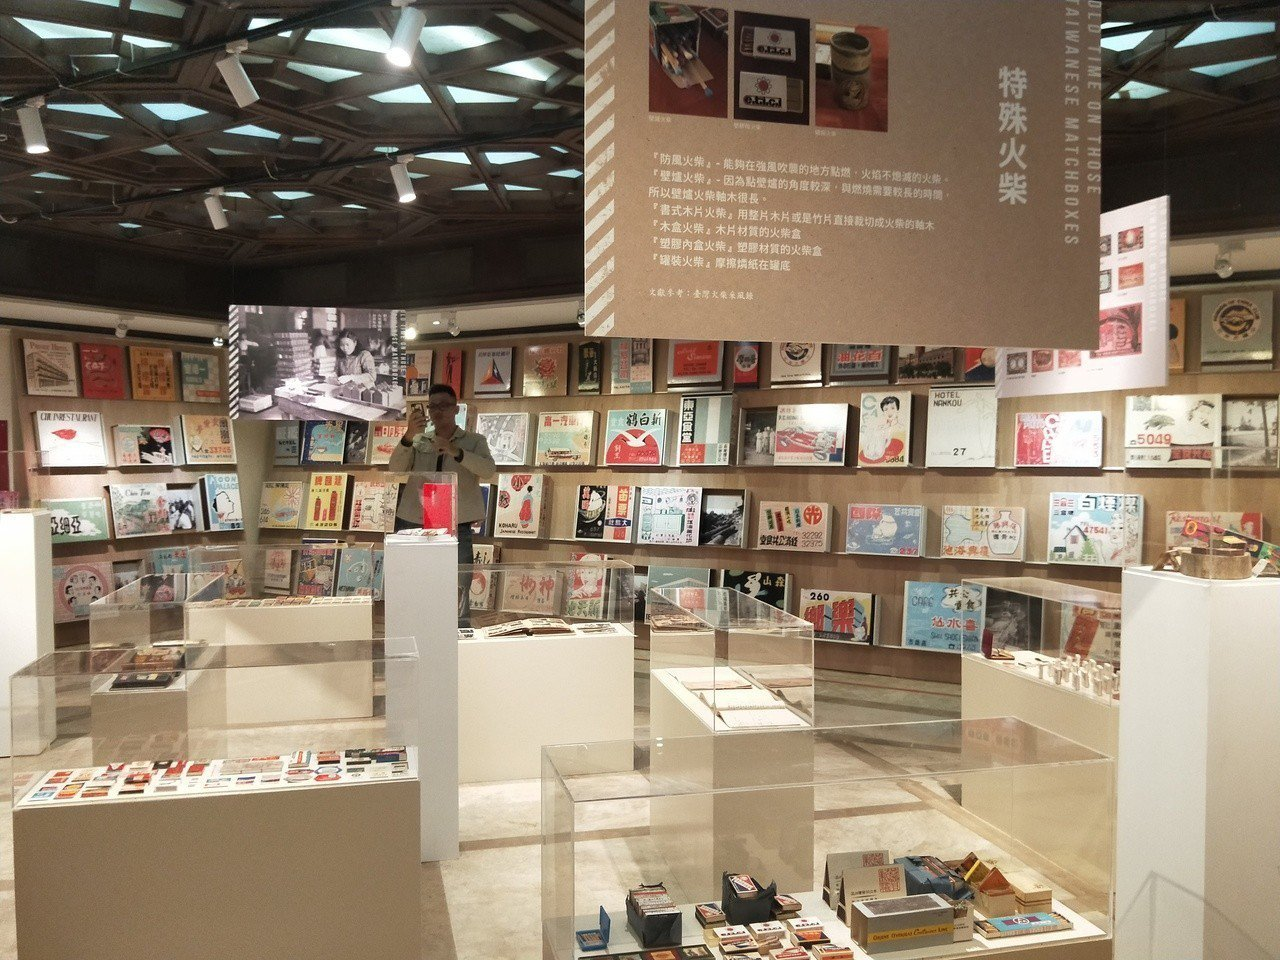 「劃出火光爍爍的台灣年代-懷舊火柴盒收藏展」今天下午2時舉行開幕式,珍貴的懷舊火...